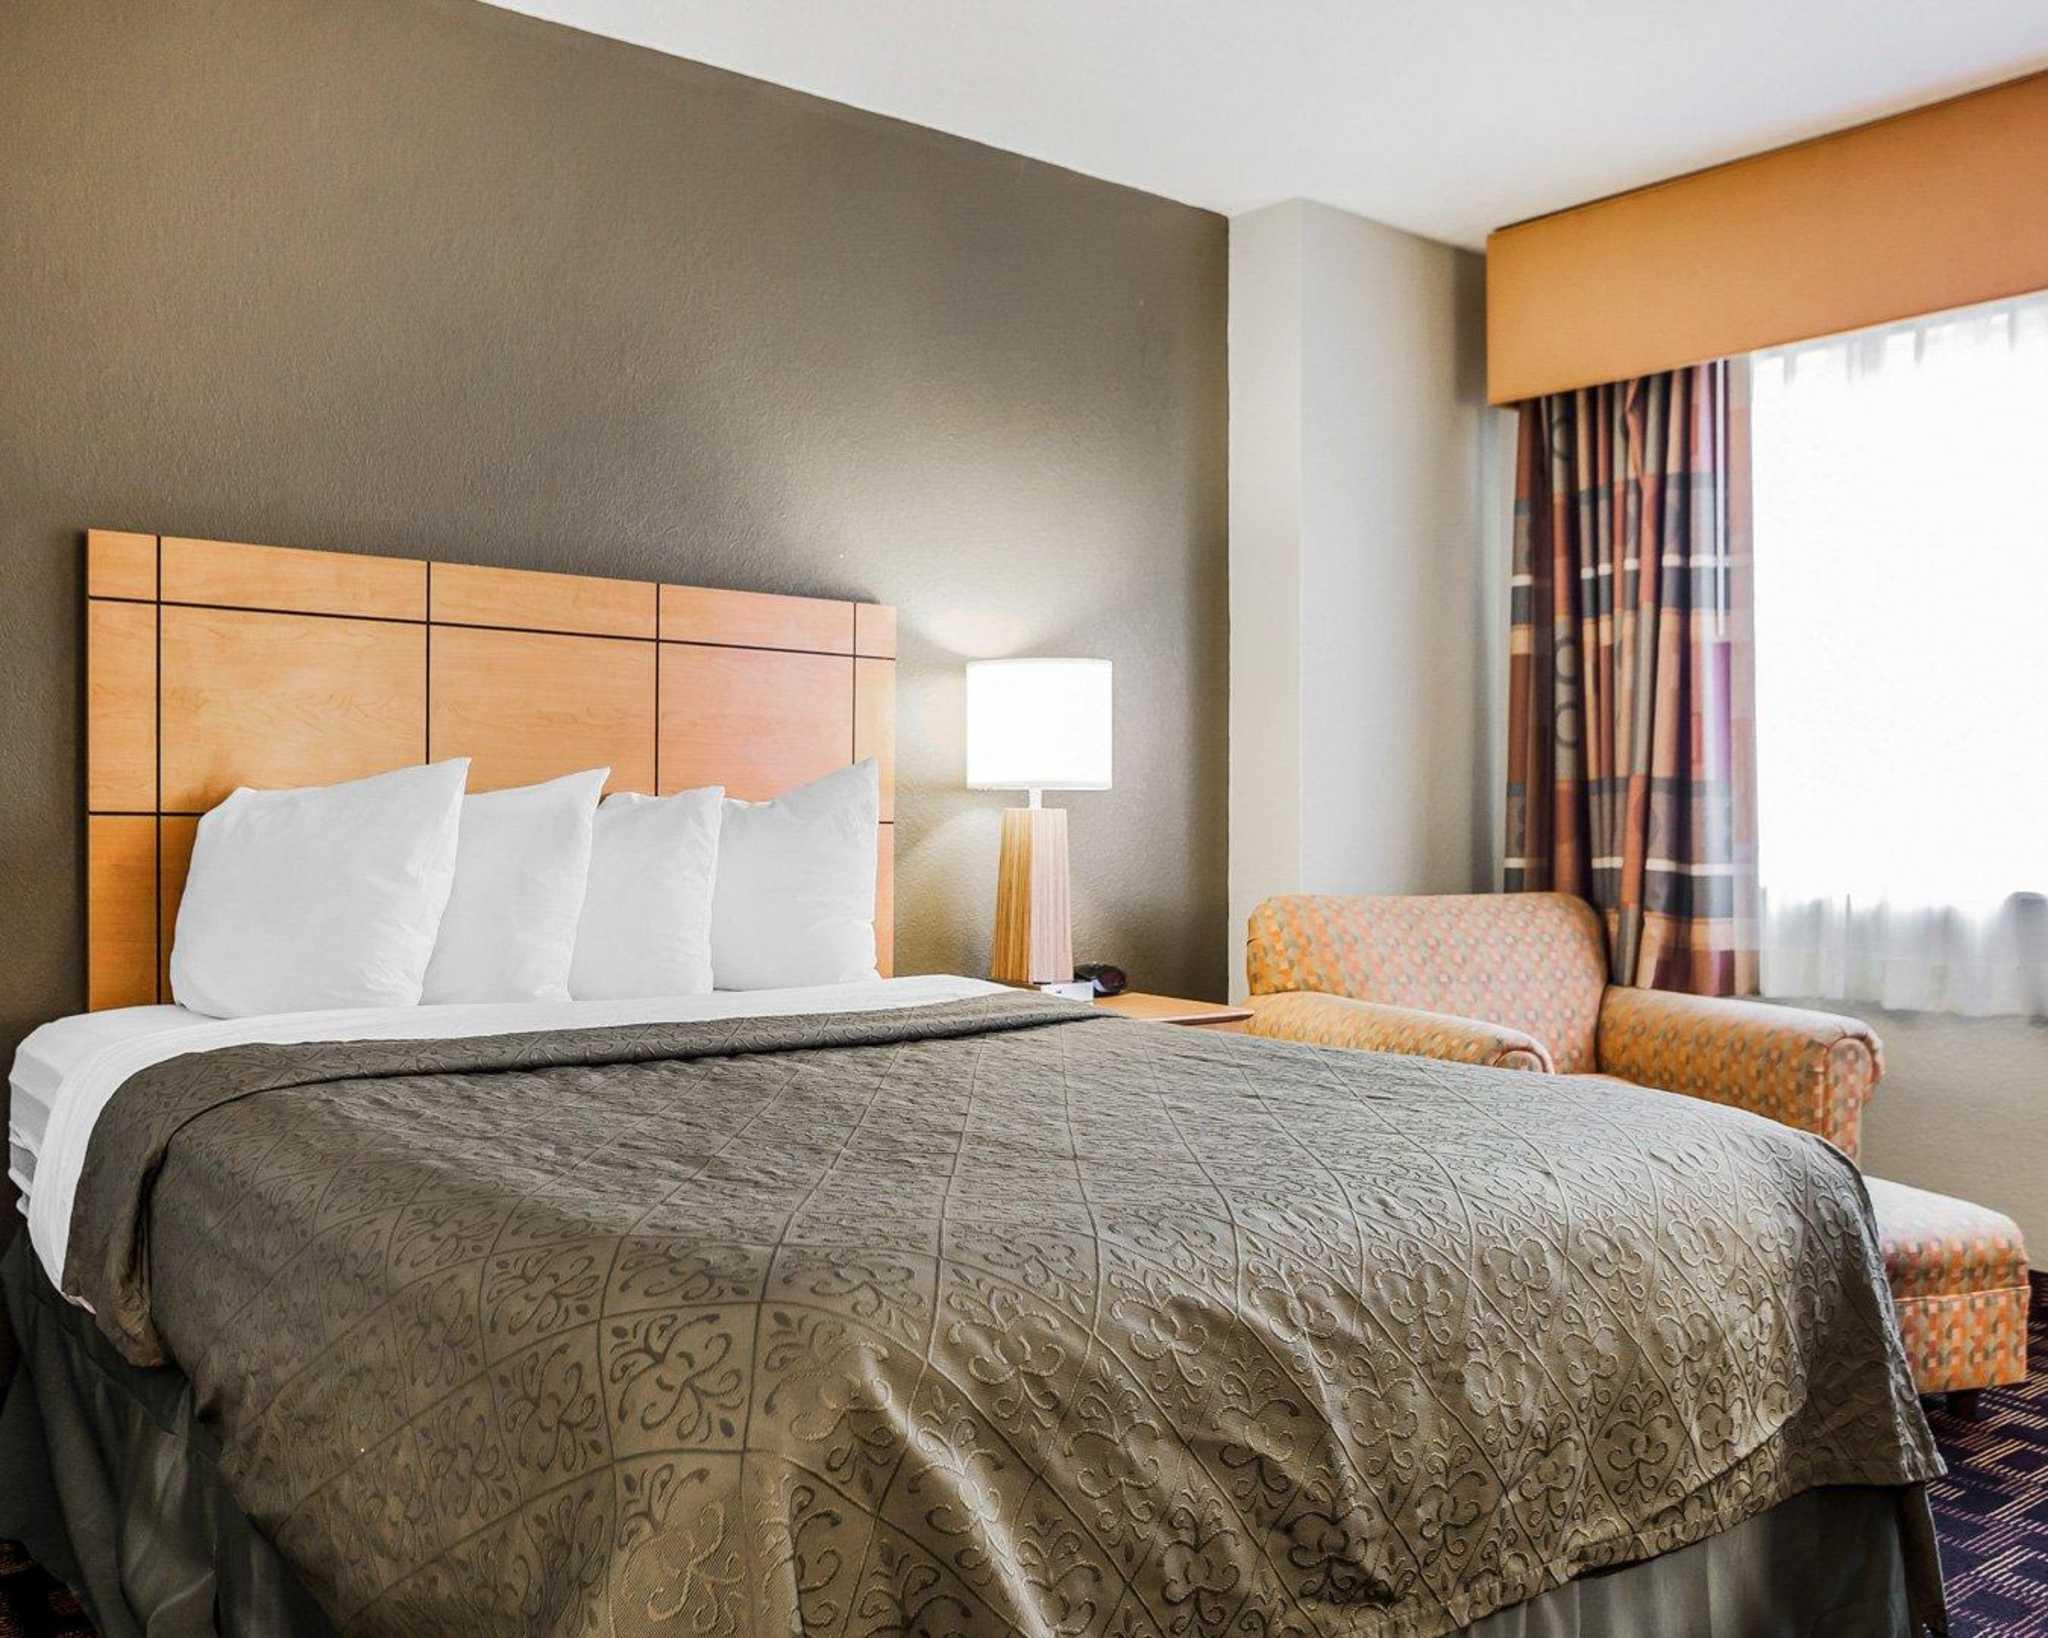 Quality Inn & Suites Des Moines Airport image 8